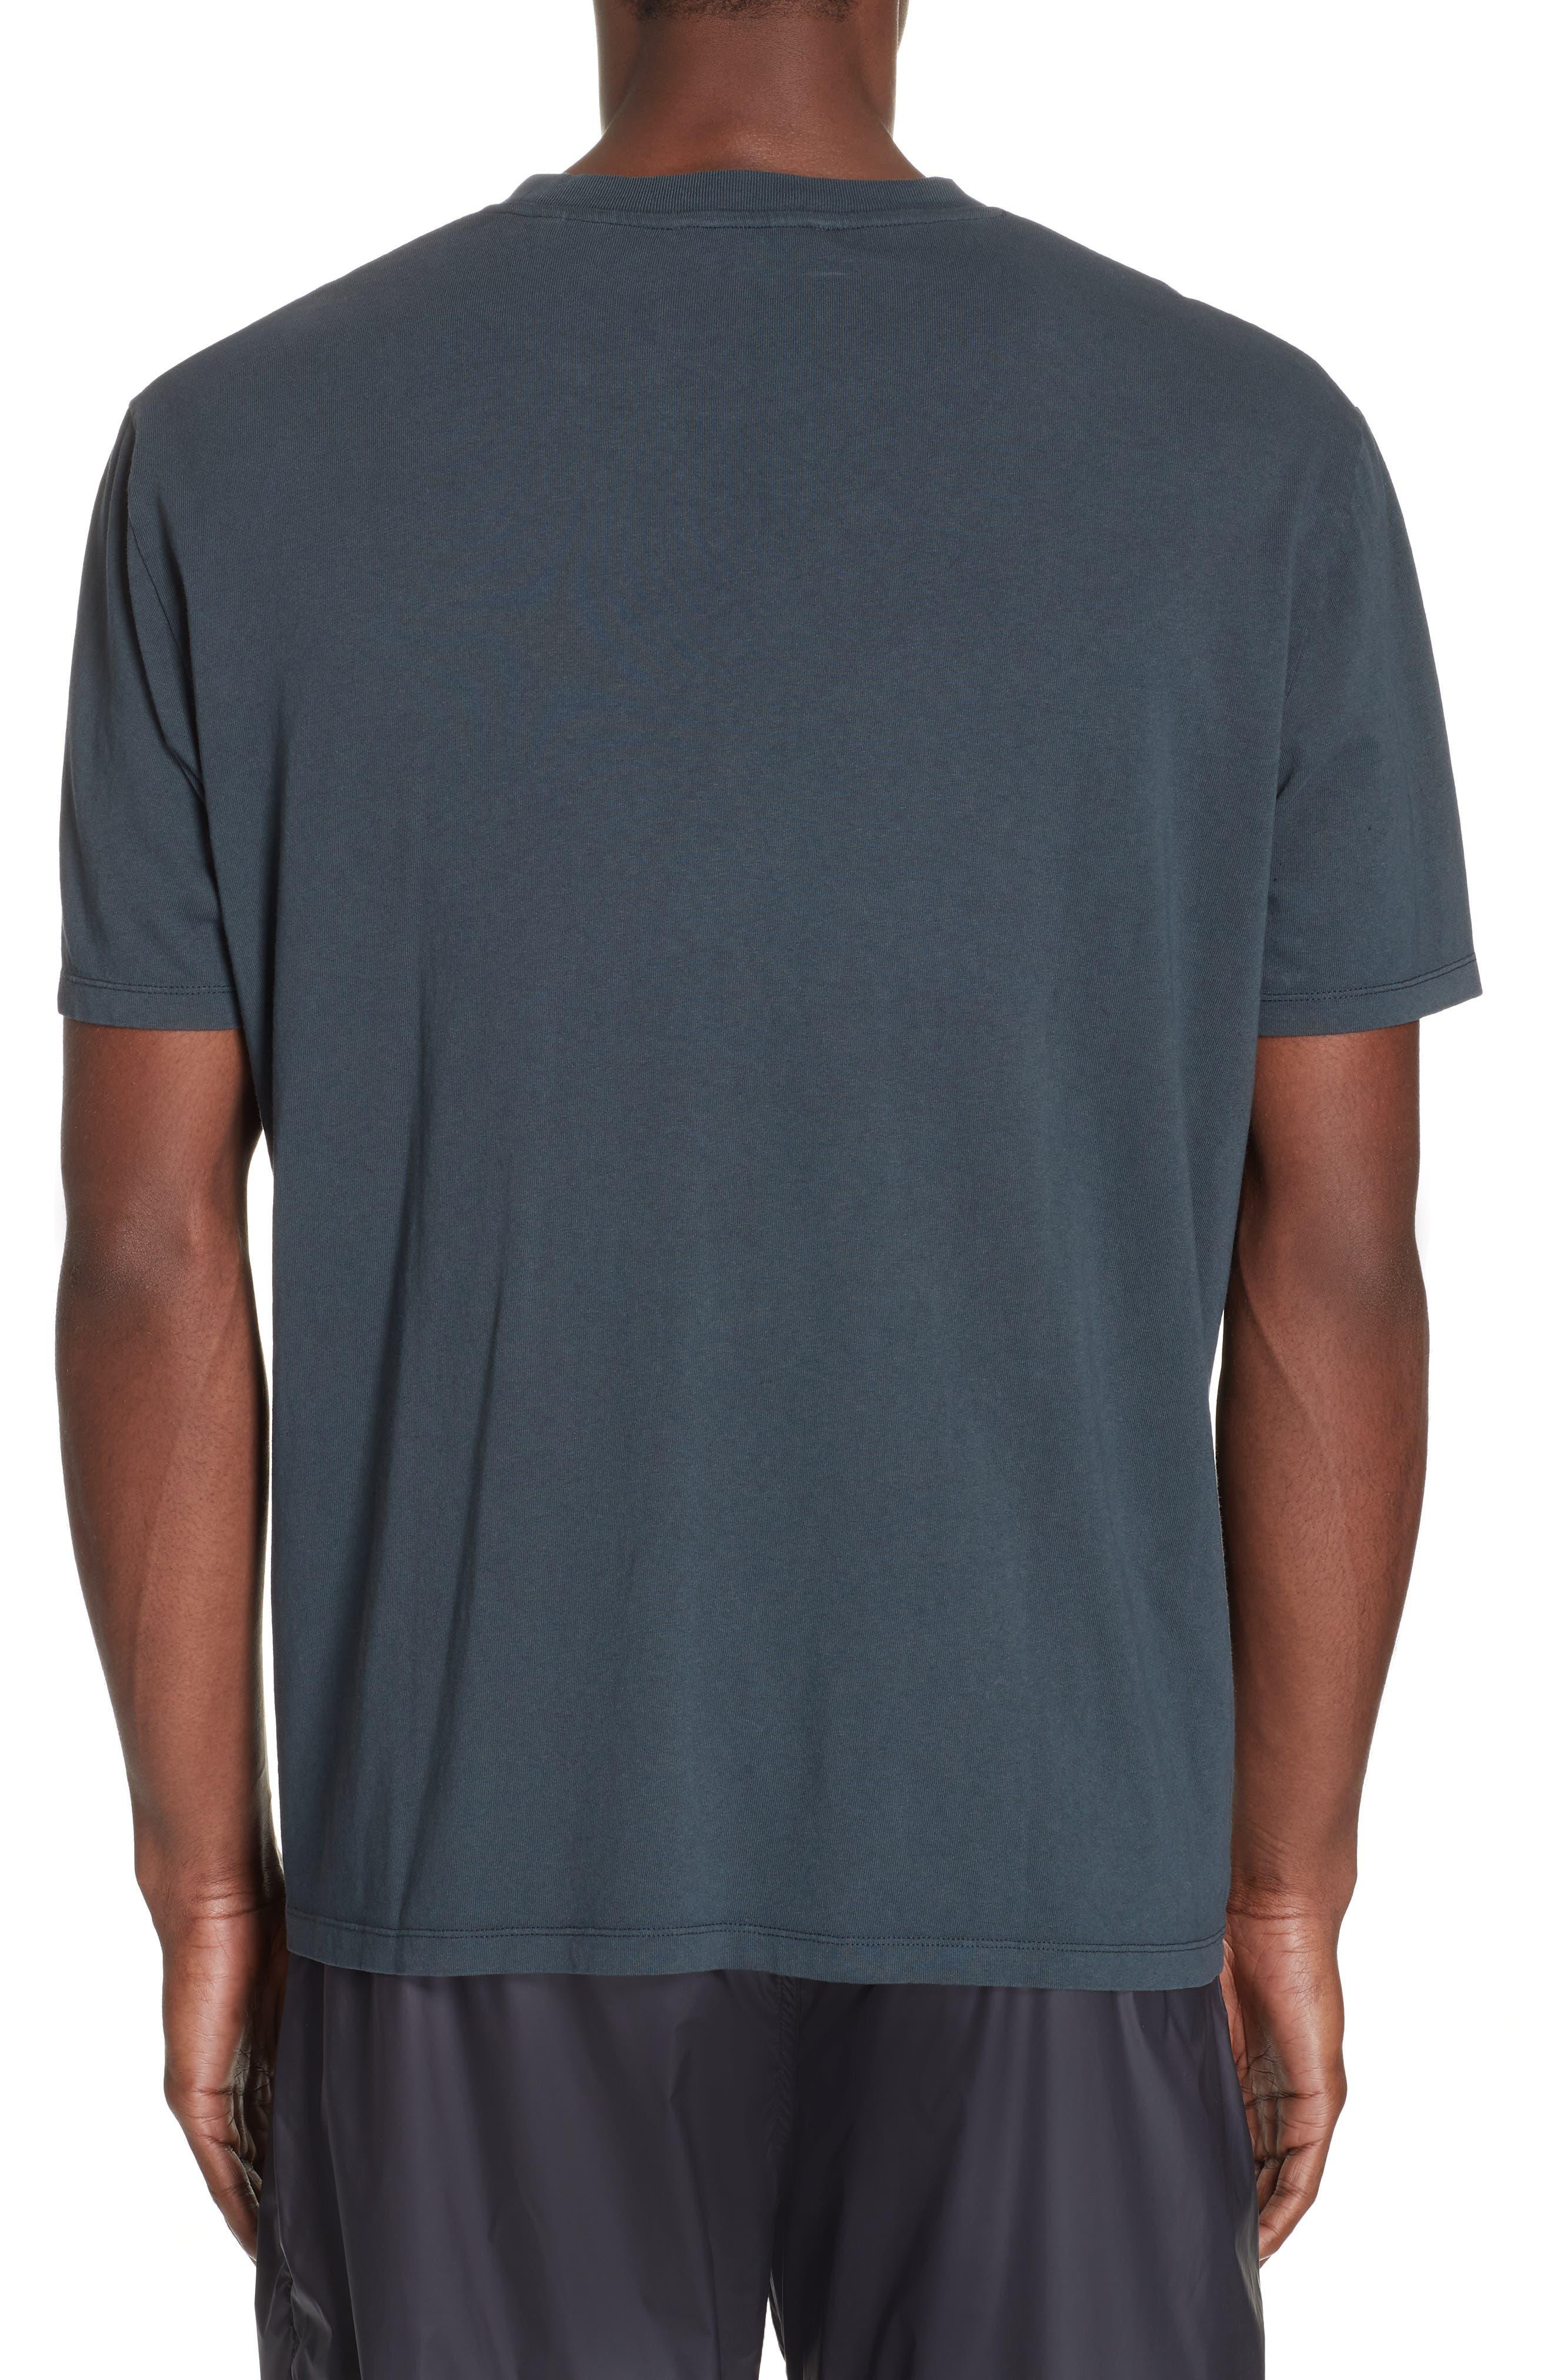 Portrait Graphic Box T-shirt,                             Alternate thumbnail 2, color,                             BLACK